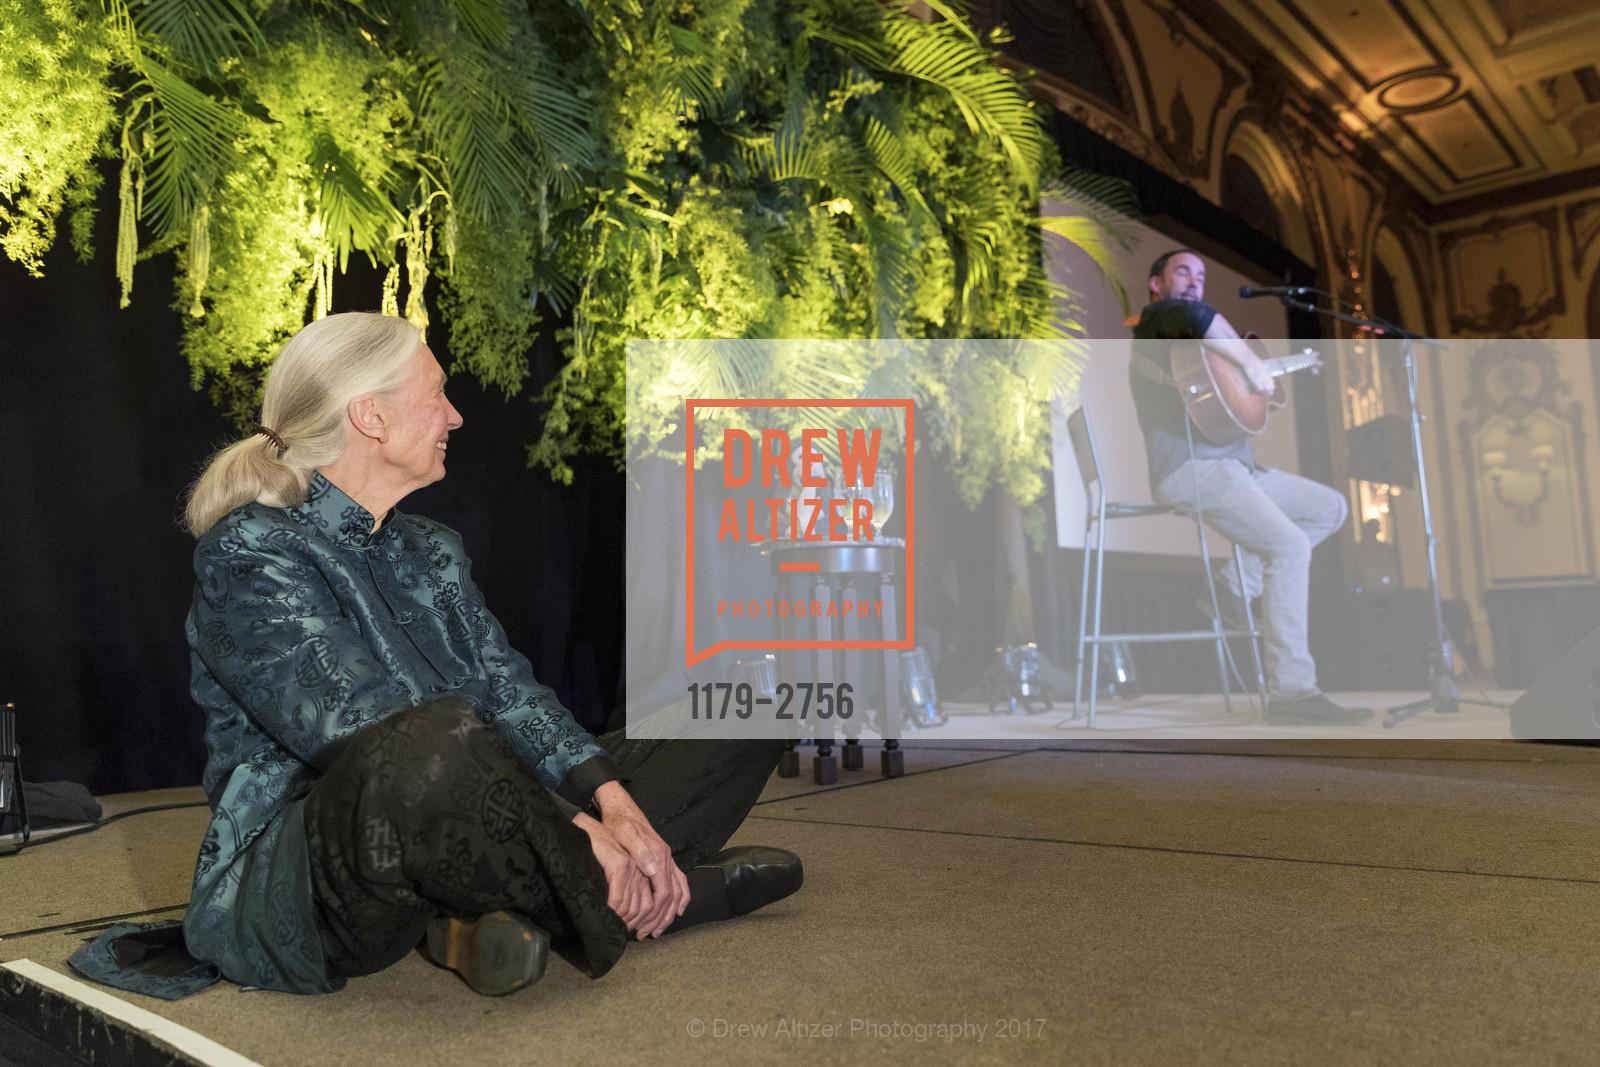 Jane Goodall, Photo #1179-2756